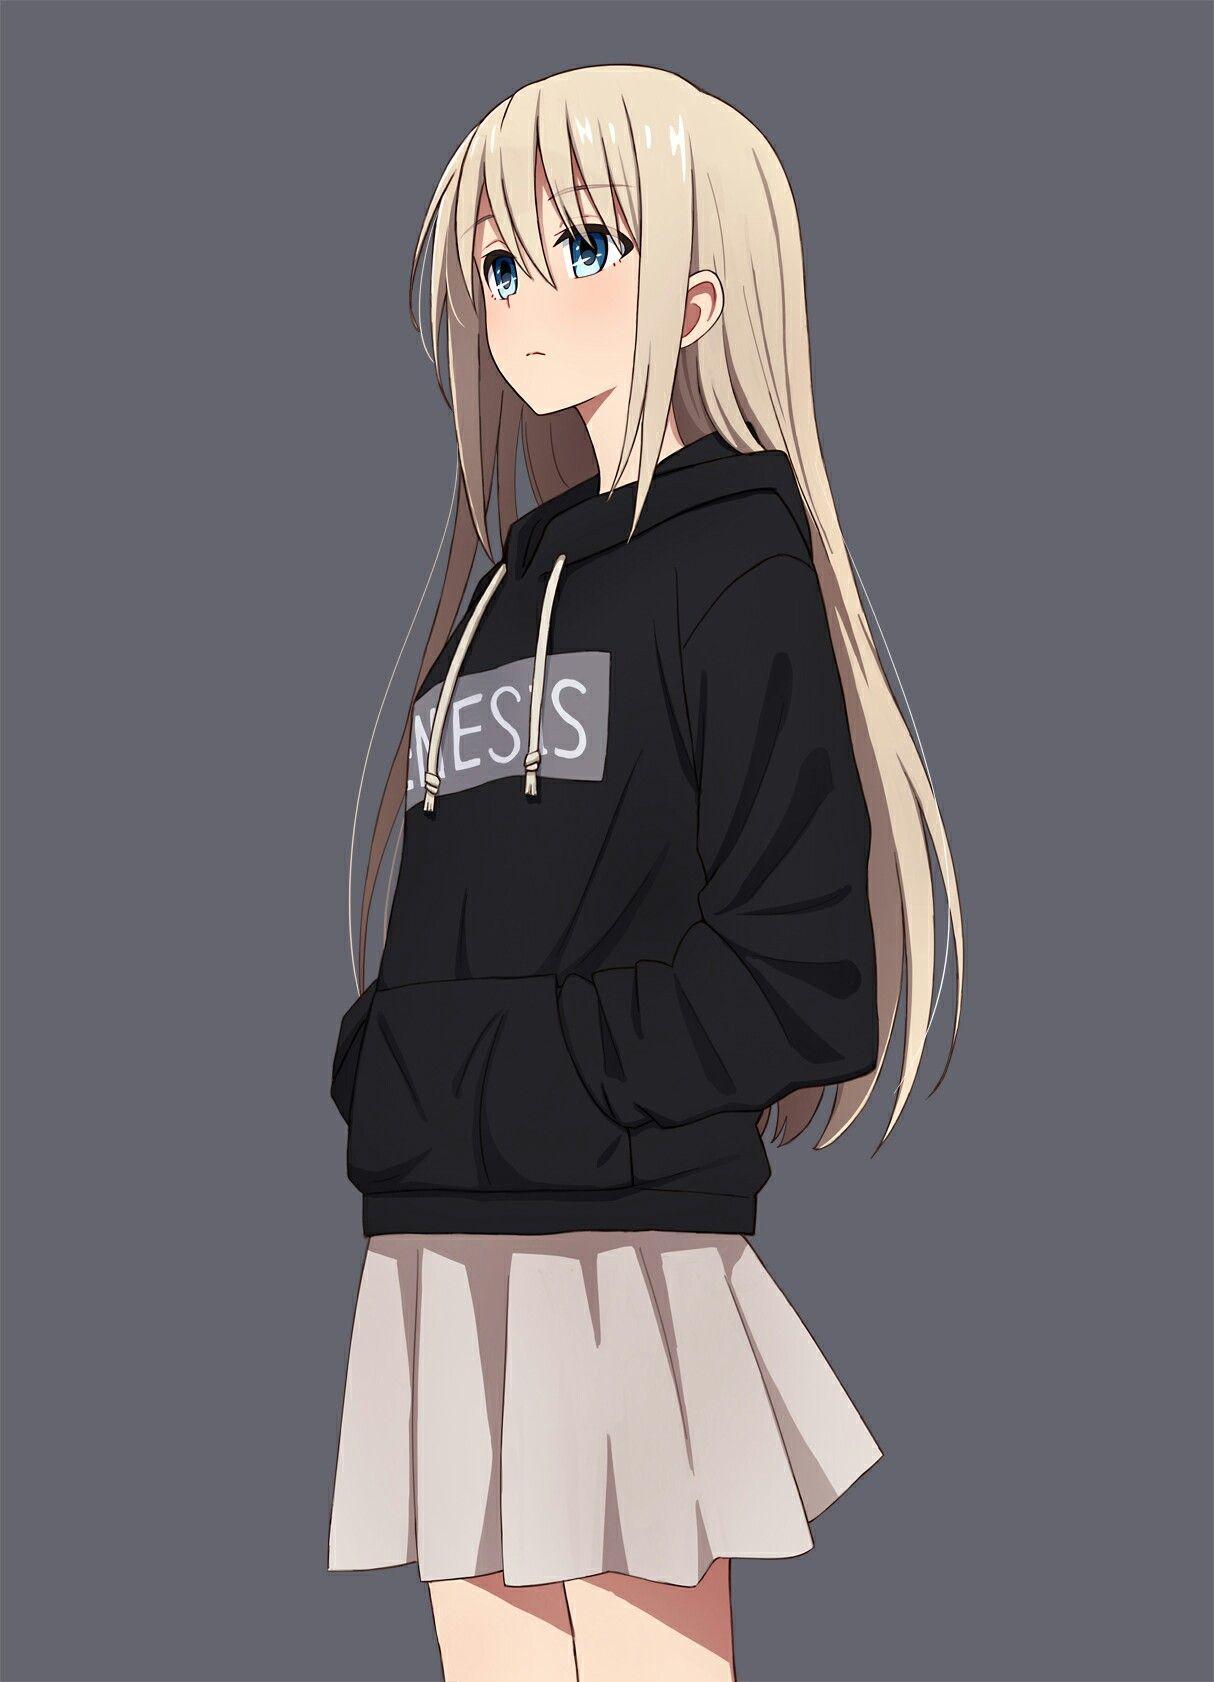 Пин от пользователя Amber Lam на доске Anime Girls | Милая аниме девушка,  Красивая аниме девушка, Аниме девушка